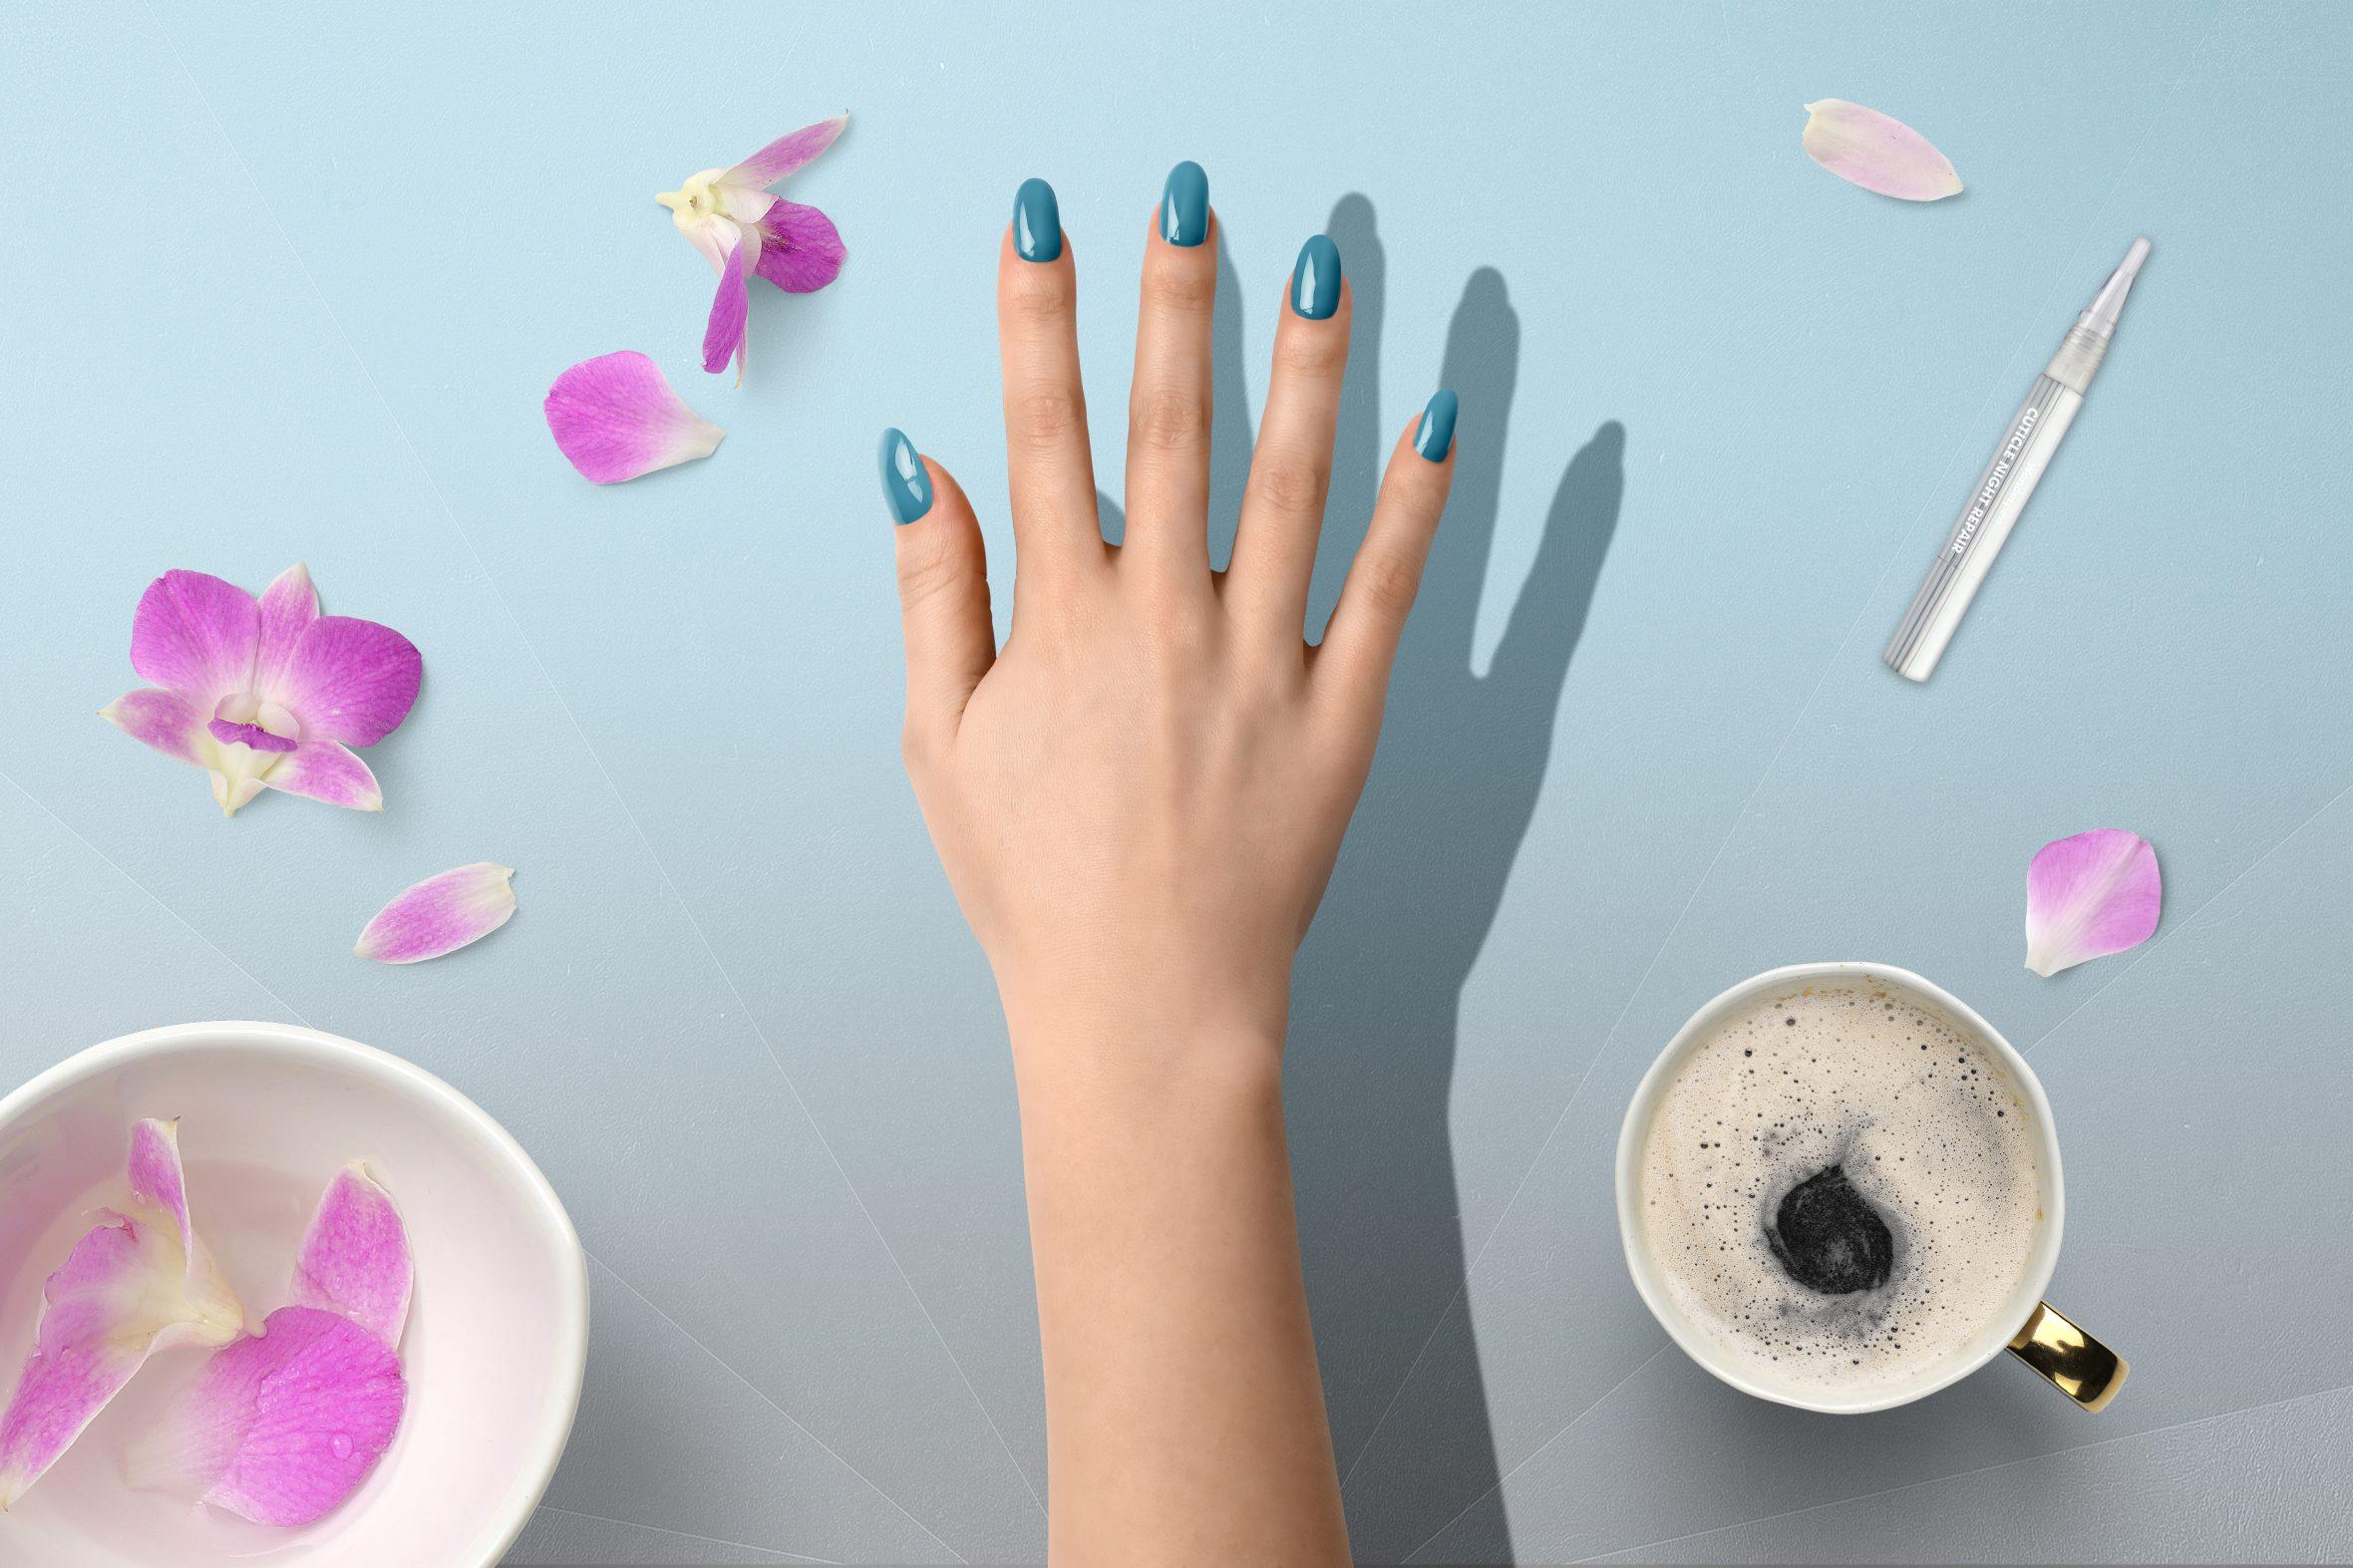 blauwe nagellak kleurnummer 177 uit de Herôme nagellak kleuren